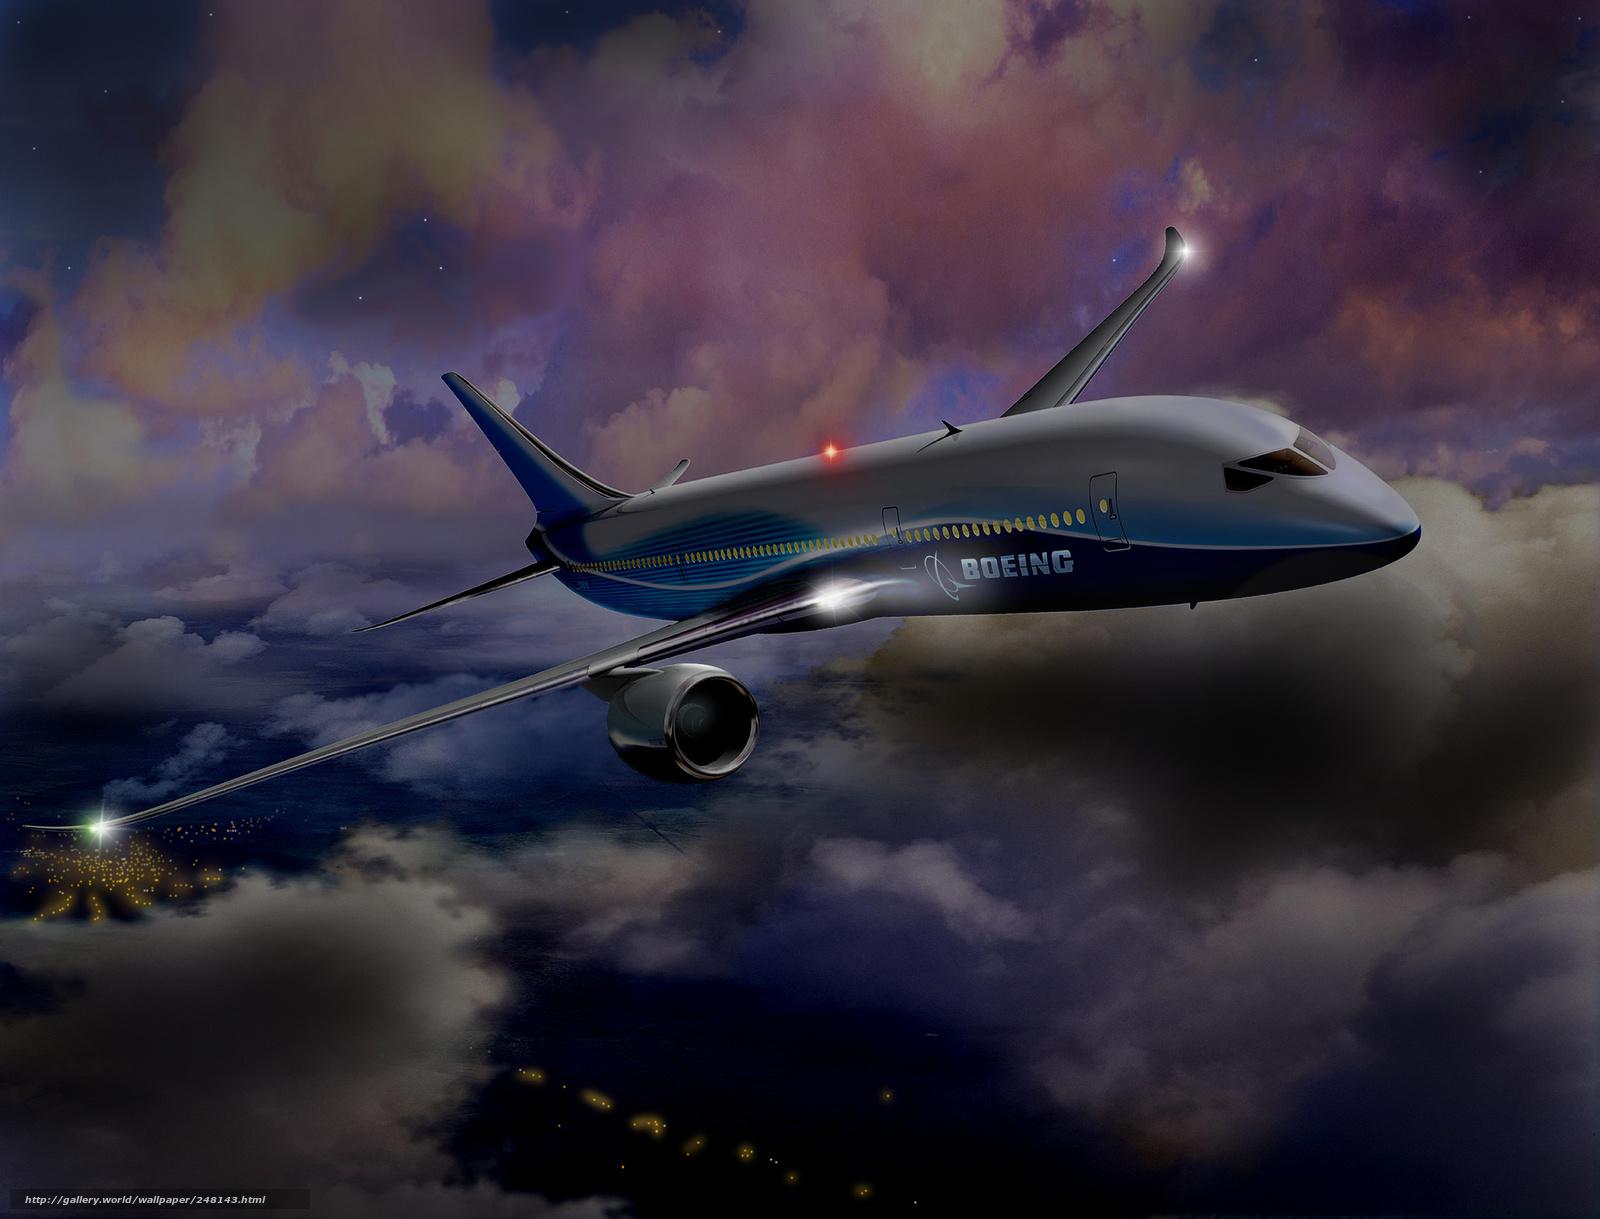 787 wallpaper wallpapersafari - Boeing wallpapers for desktop ...